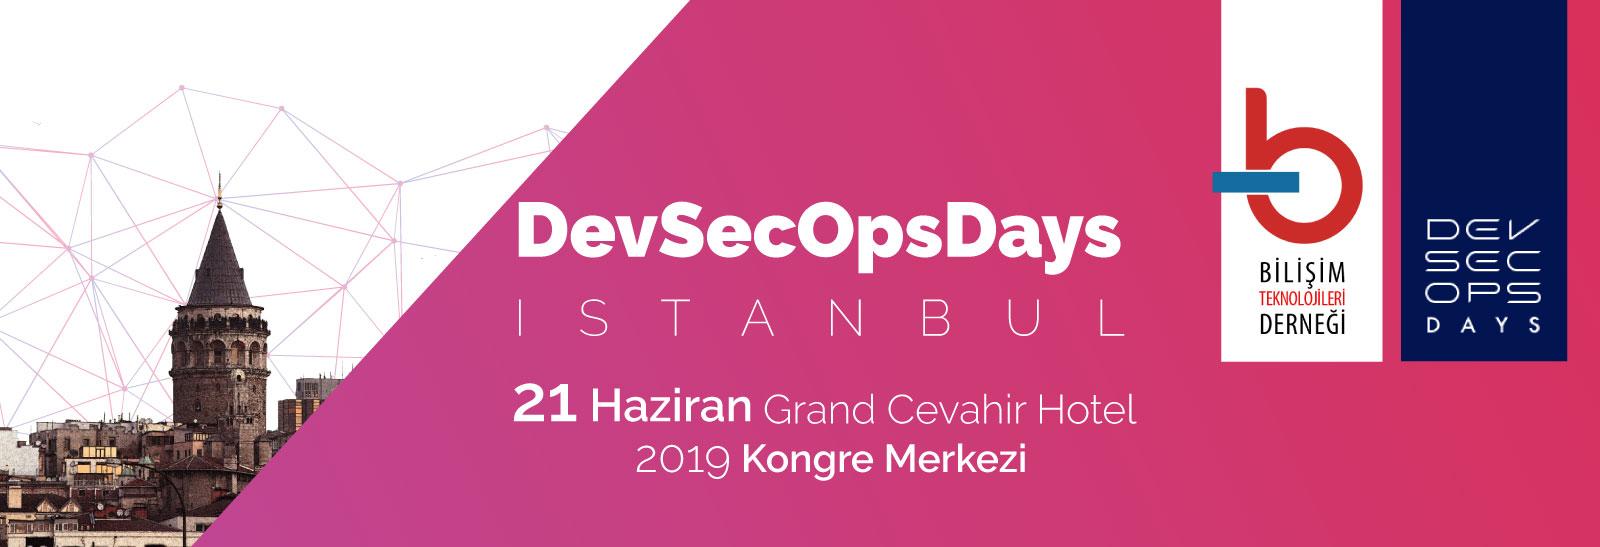 Bilişim Teknolojileri Derneği DevSecOps Days'i İstanbul'a Getiriyor